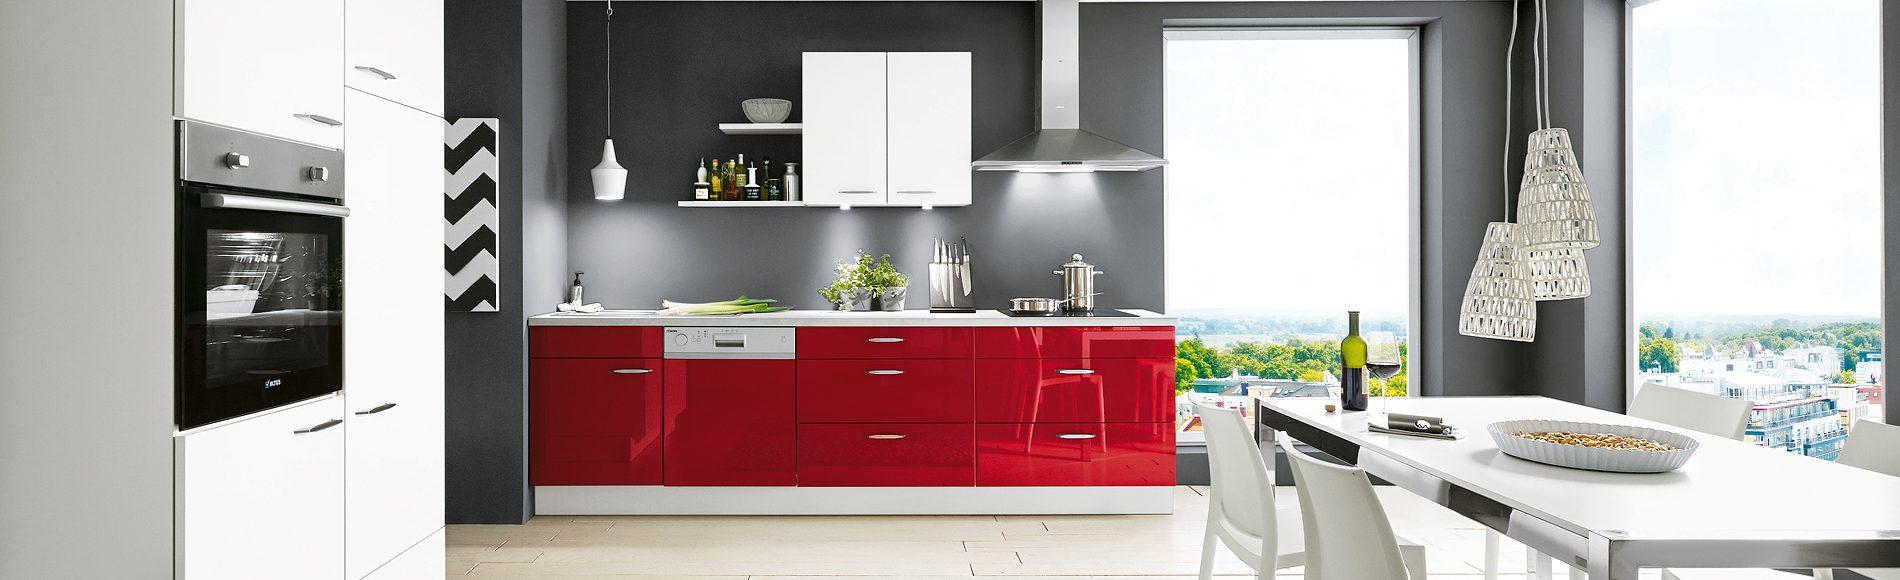 Küchenwelten - Robin Hood Möbel & Küchen günstig kaufen